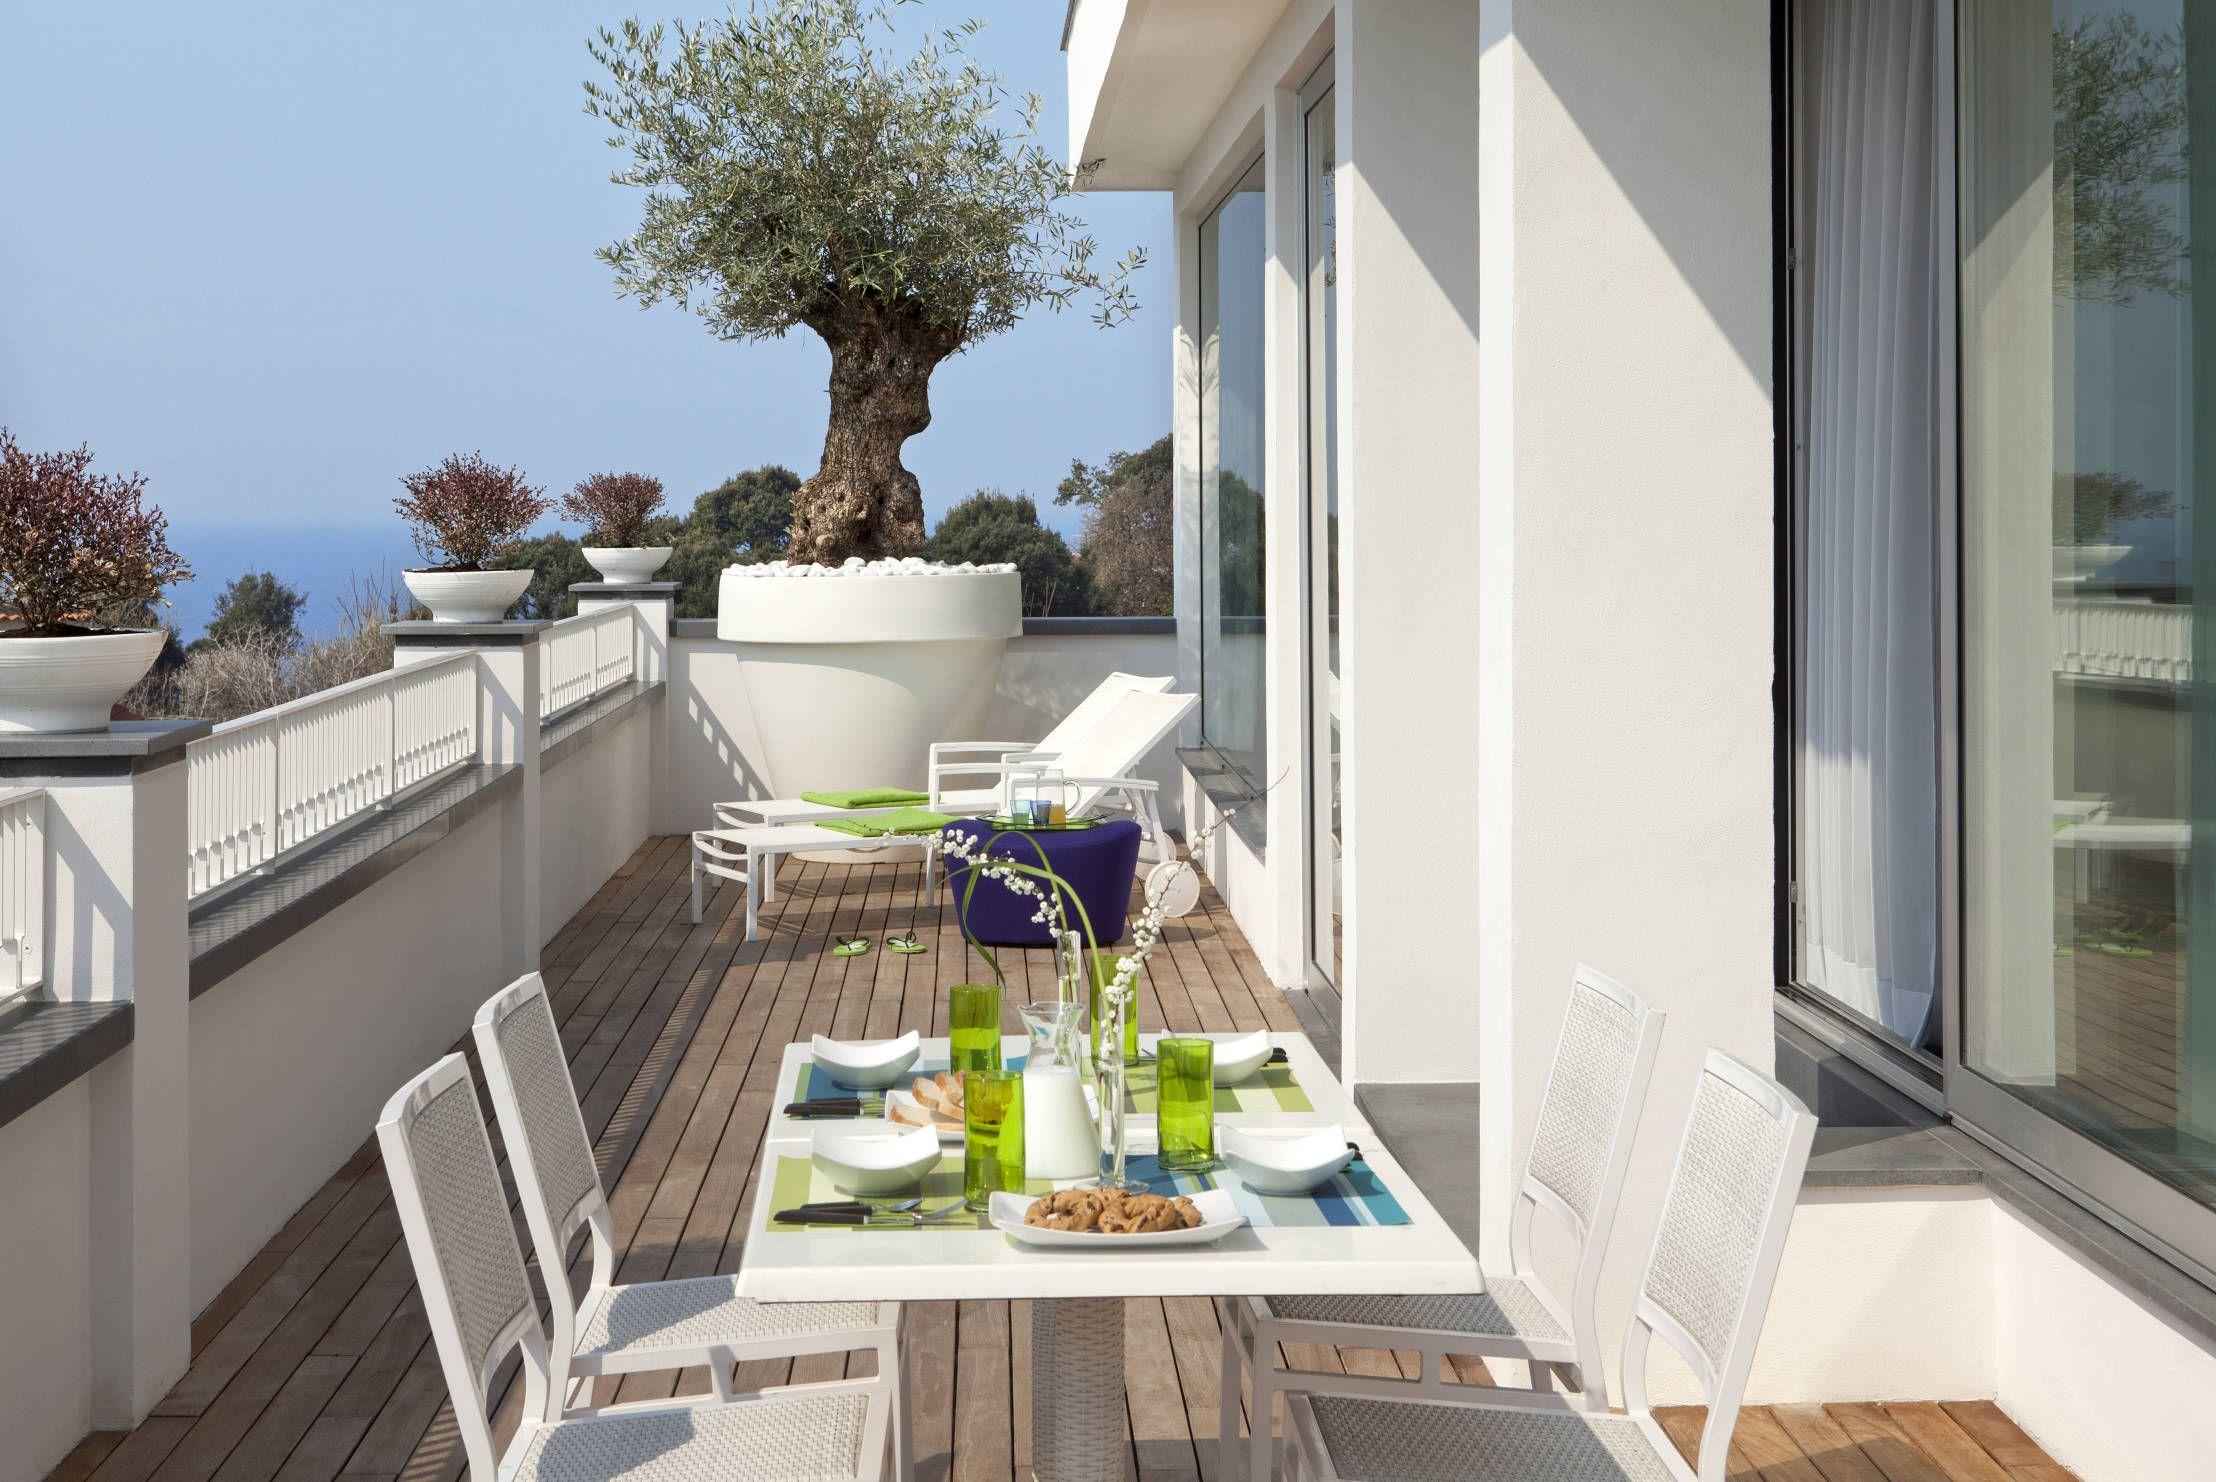 Che rivestimento scegliere per il tuo terrazzo? I prezzi ...